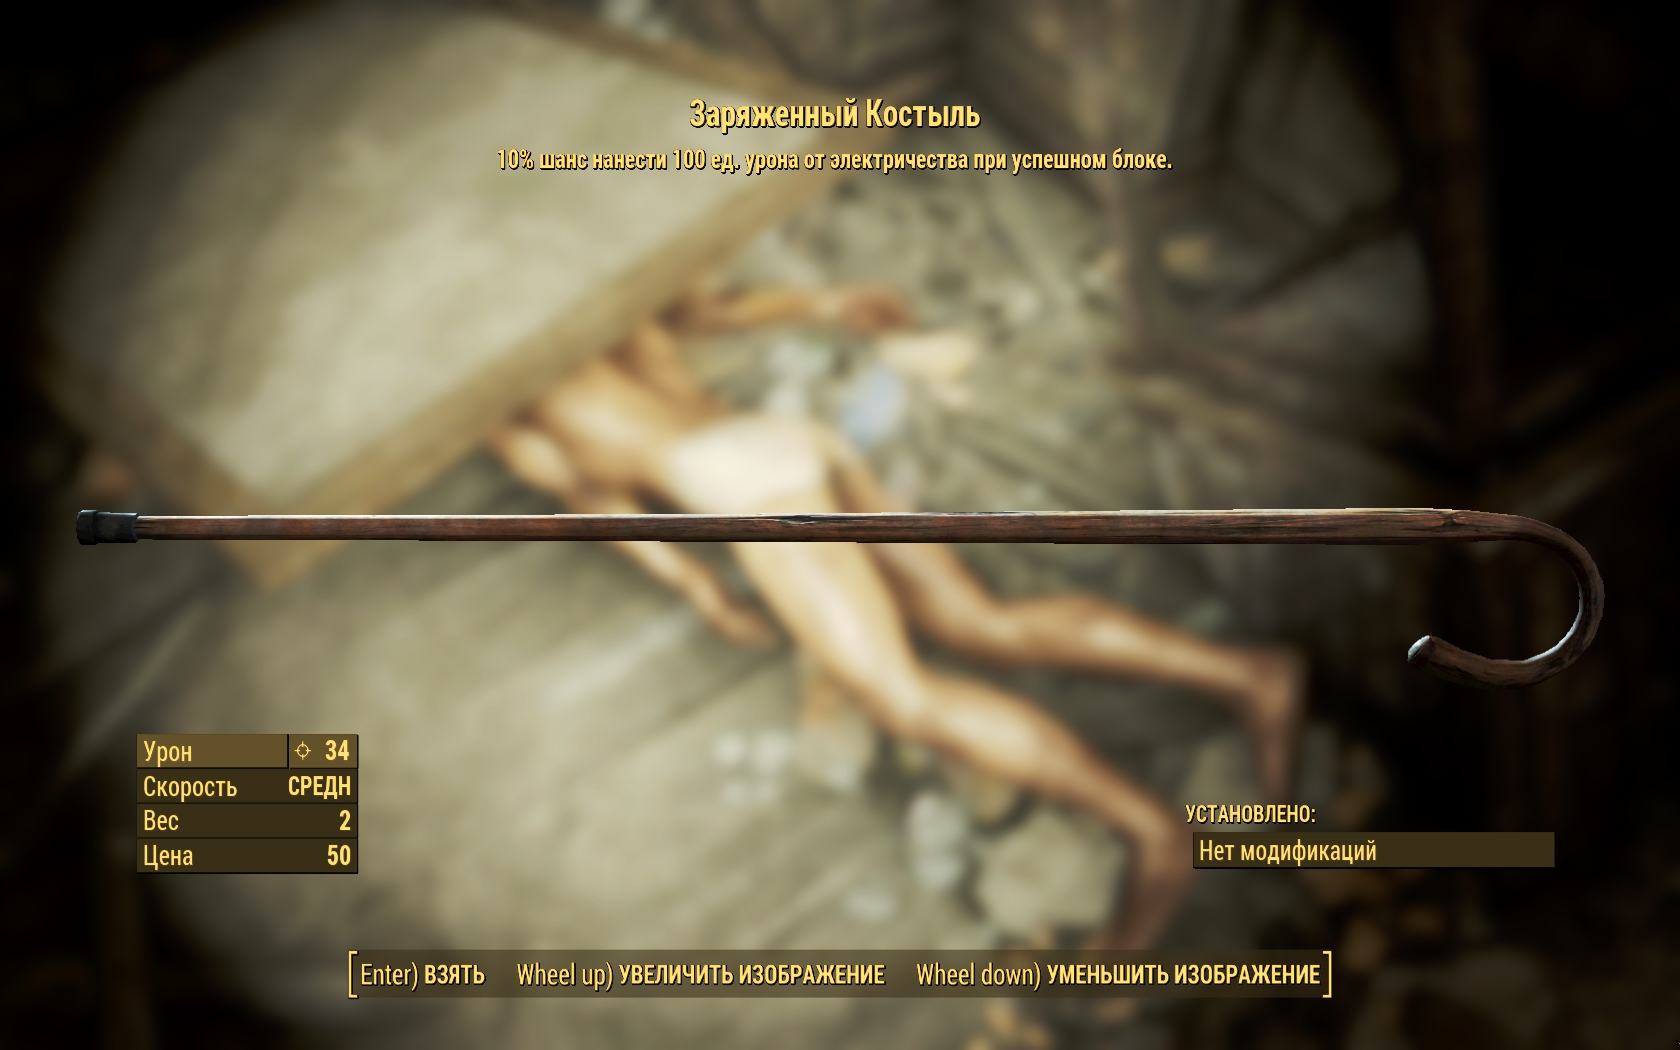 Заряженный костыль - Fallout 4 Оружие